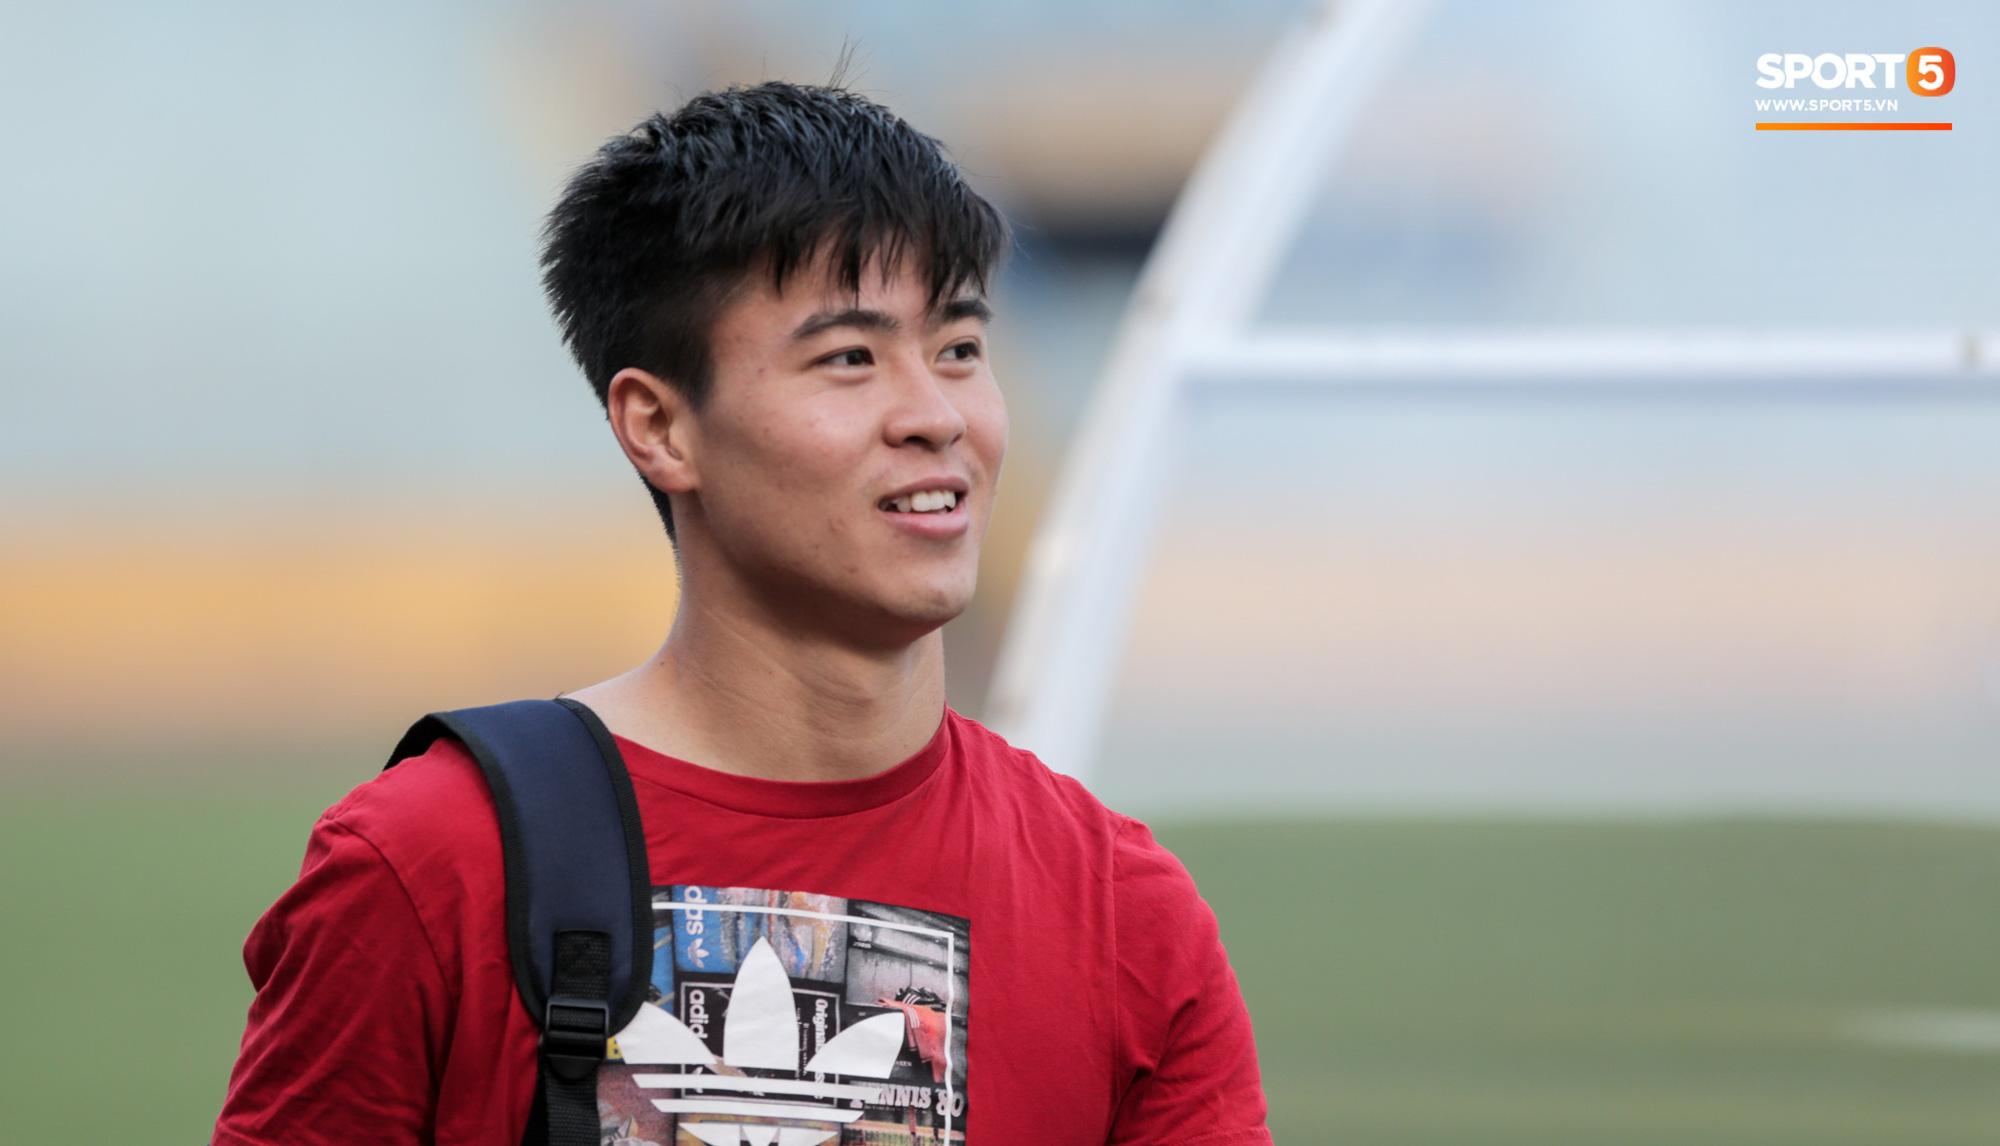 Duy Mạnh may mắn là cầu thủ duy nhất có CĐV trong ngày sân Hàng Đẫy cấm khán giả xem đá giao hữu - Ảnh 1.